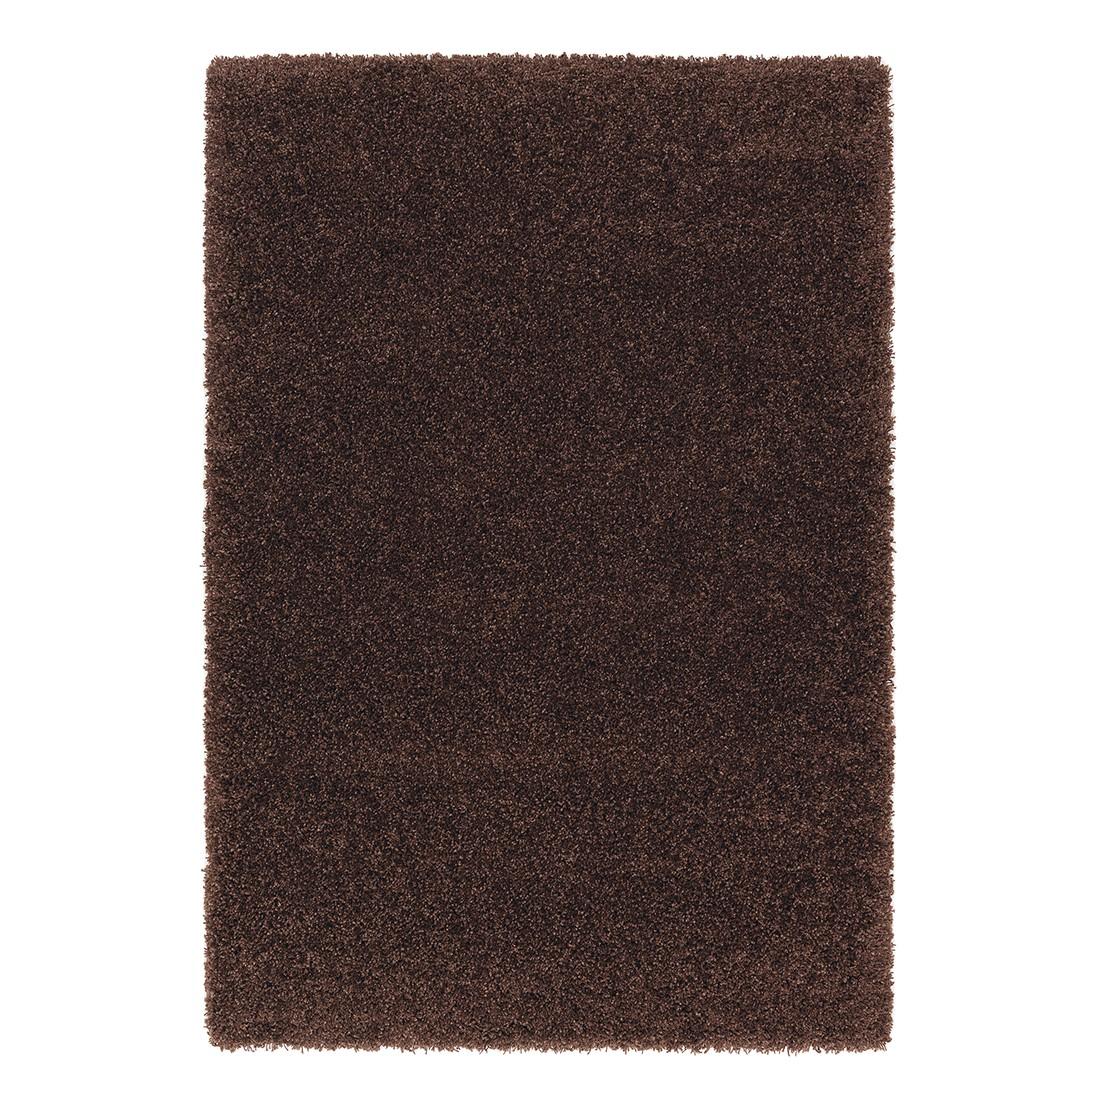 Teppich Como – Braun – 80 x 150 cm, Astra günstig bestellen